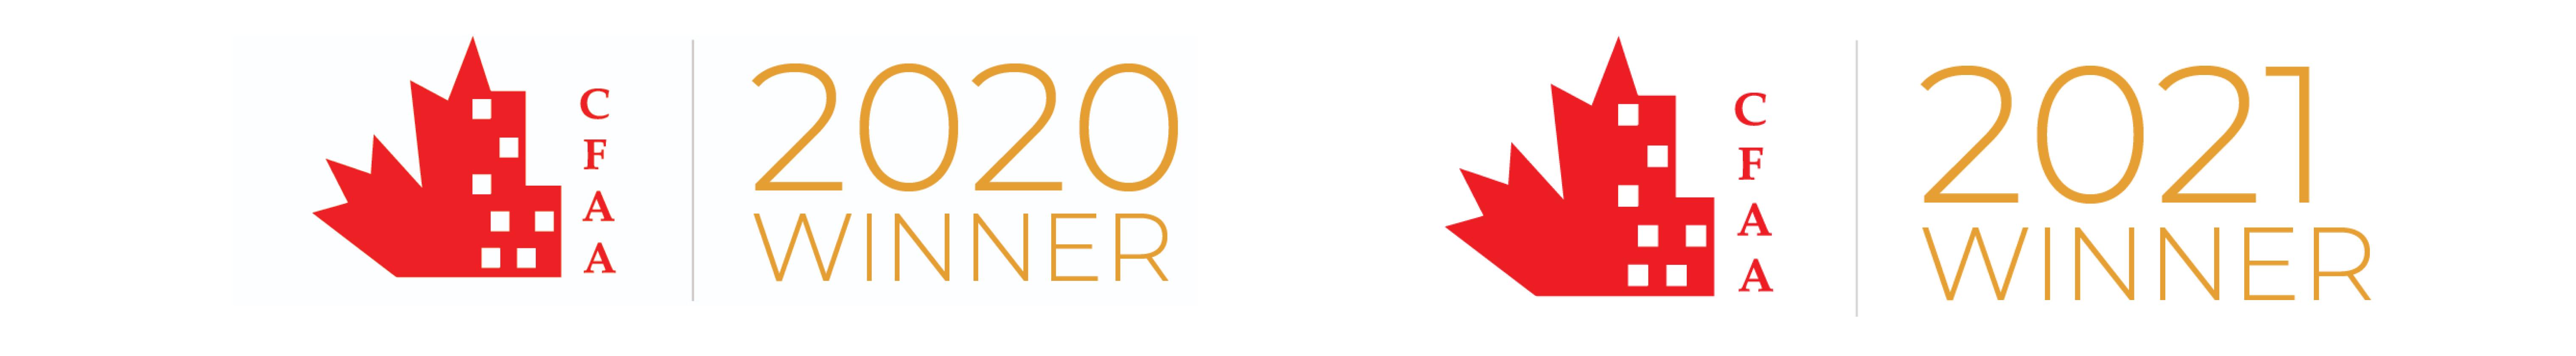 CFAA Awards Winner 2021 - 2022